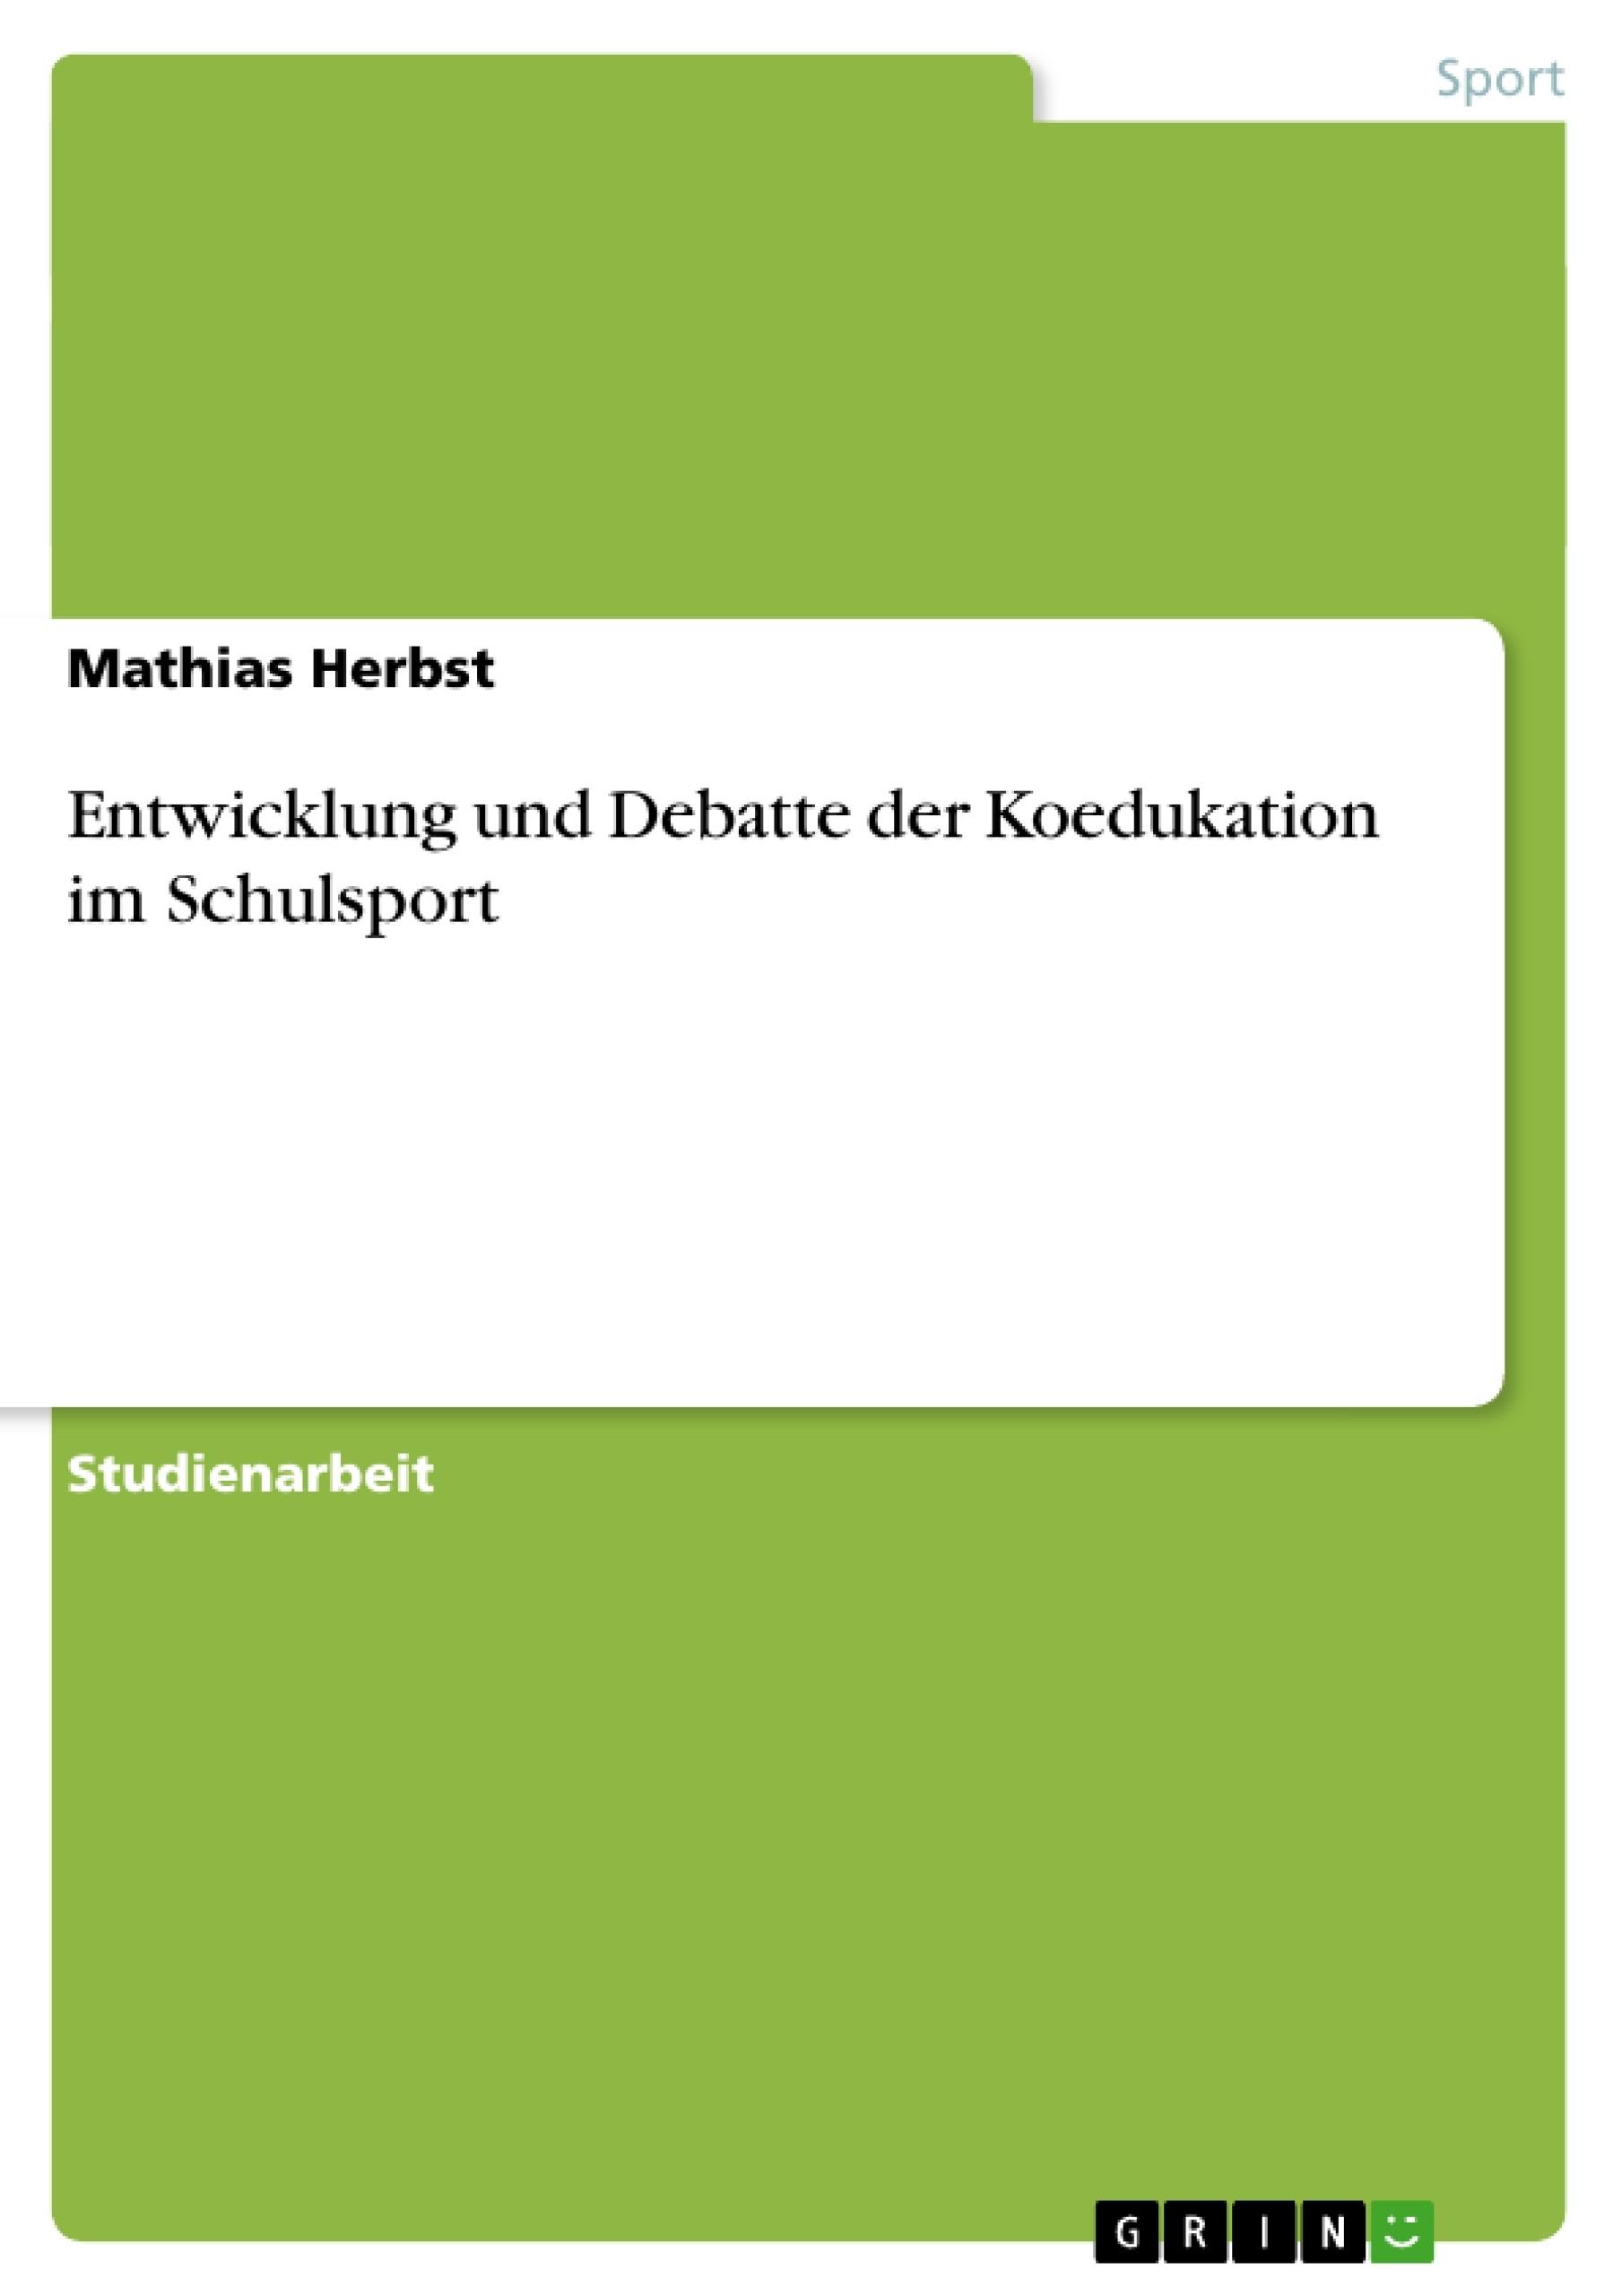 Titel: Entwicklung und Debatte der Koedukation im Schulsport